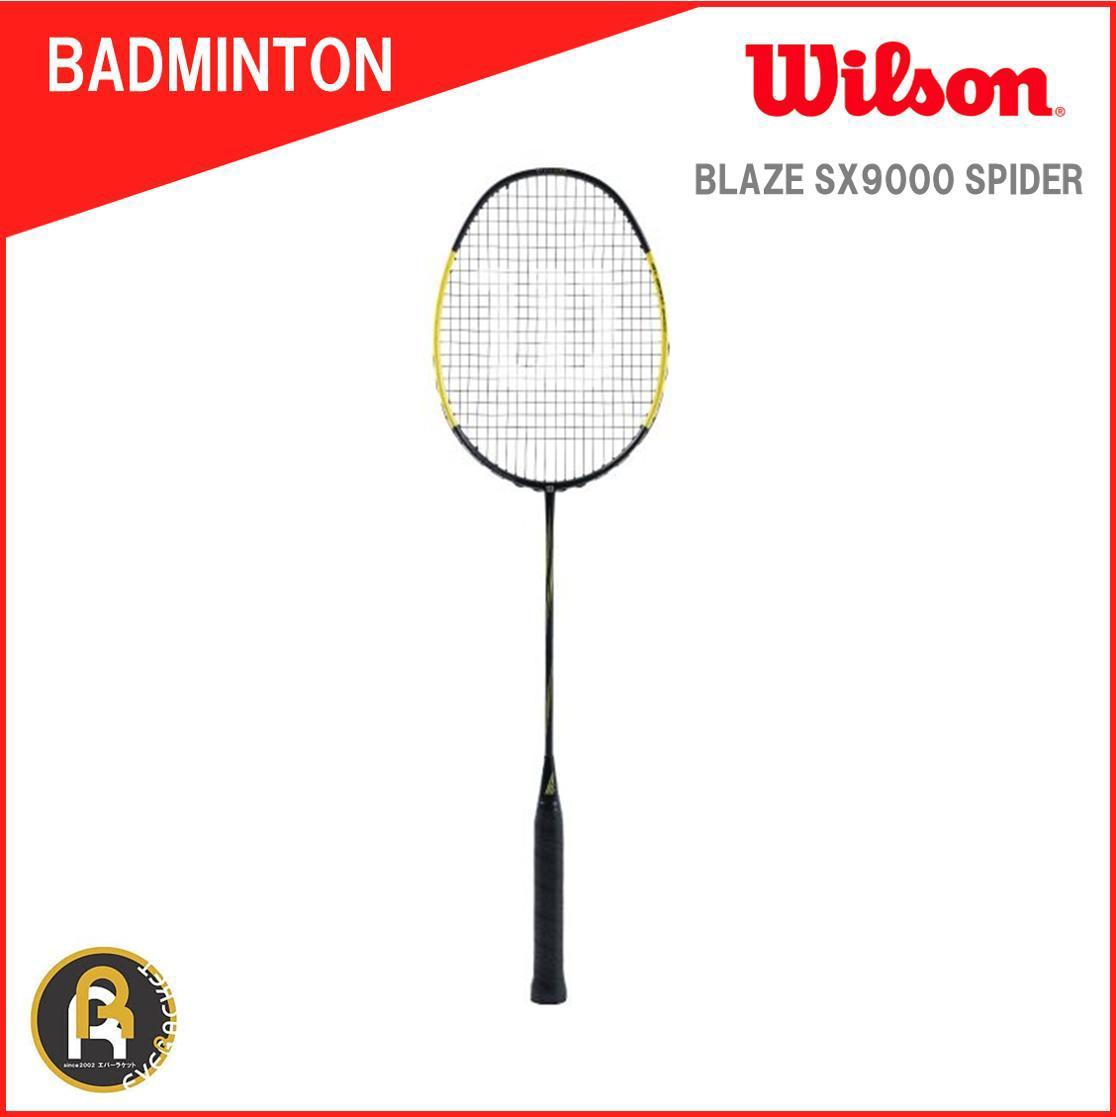 【お買い得商品】ウイルソン Wilson バドミントン ラケット バドミントンラケット ガット代 張り上げ代無料 BLAZE SX9000 SPIDER ブレイズSX9000スパイダー WRT8825202